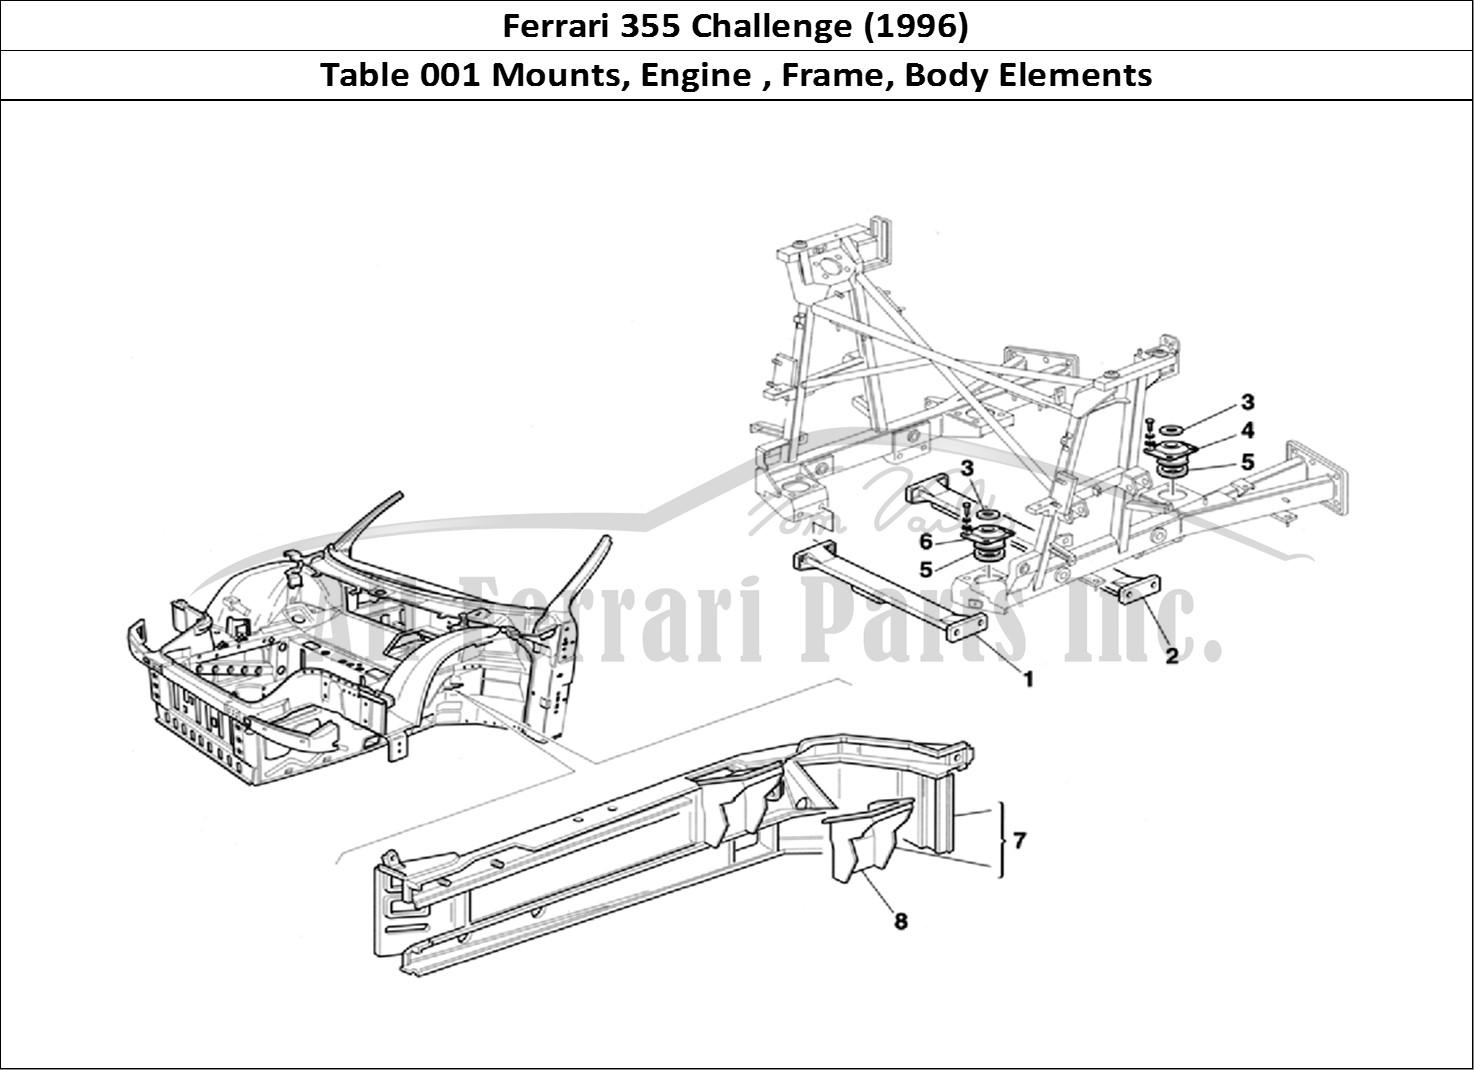 Buy Original Ferrari 355 Challenge 001 Mounts